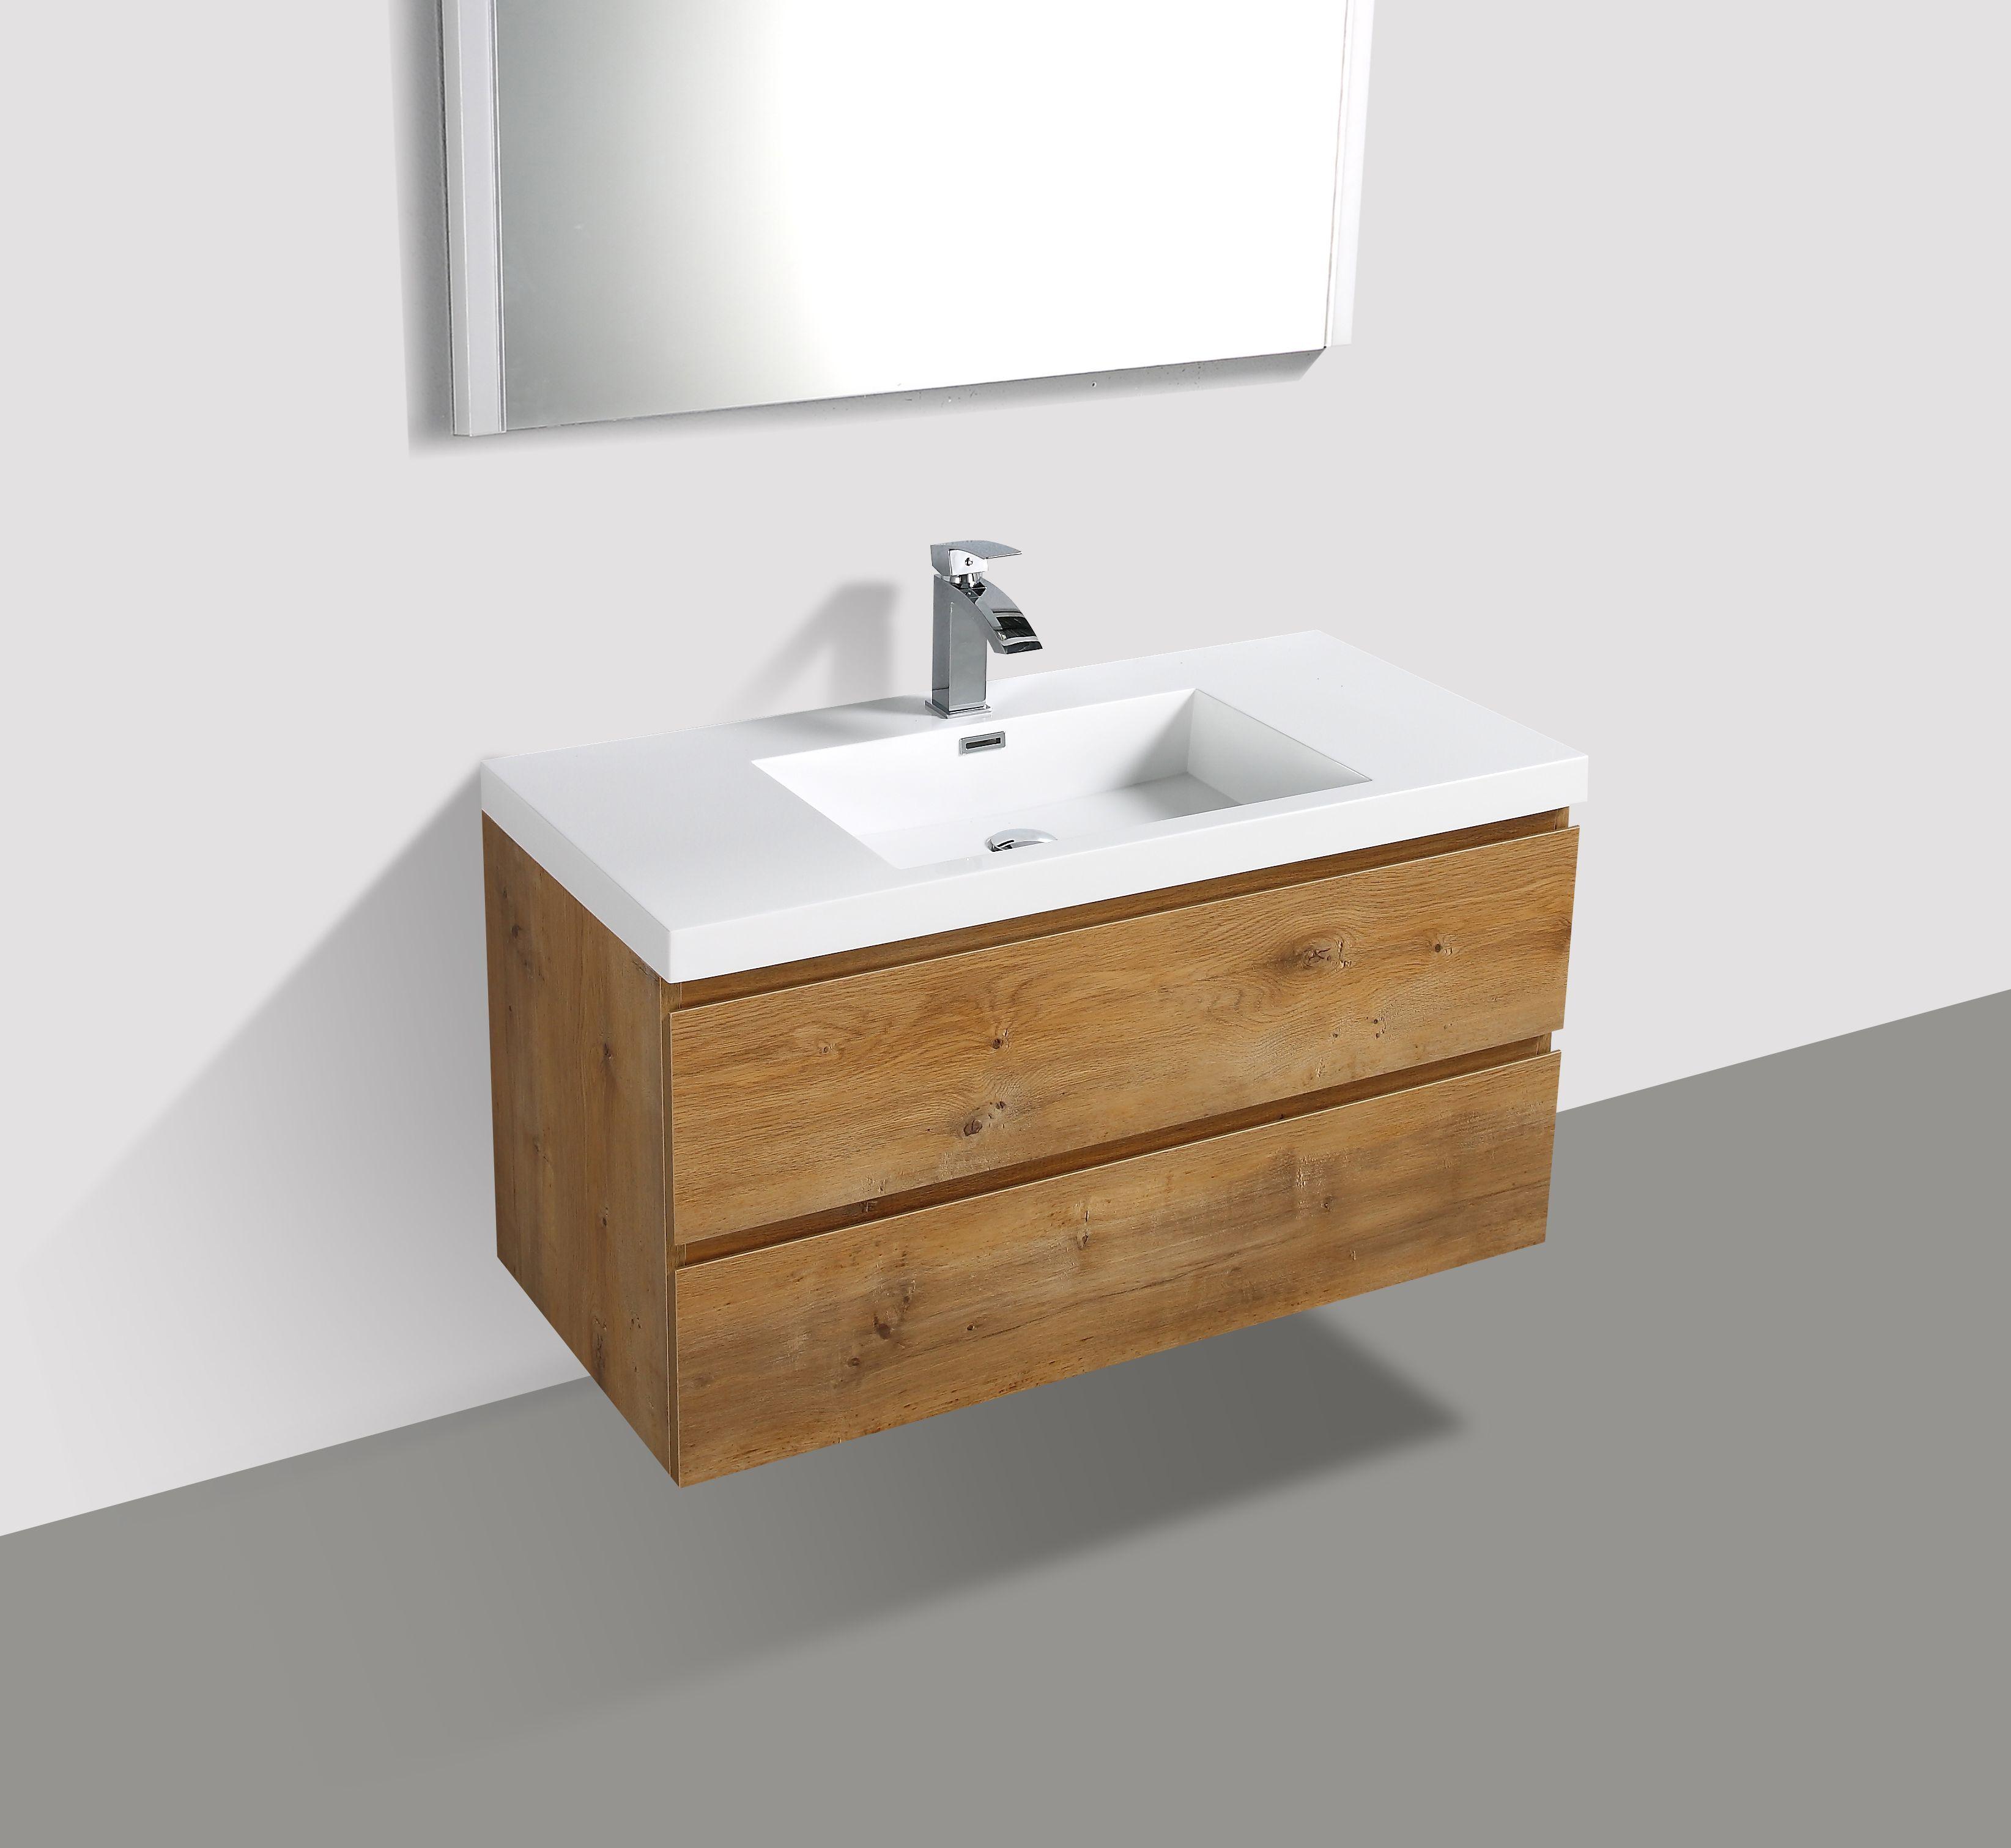 Badmobel Unterschrank Algo 80 Eiche Glasdeals In 2020 Badezimmer Unterschrank Holz Unterschrank Badezimmer Unterschrank